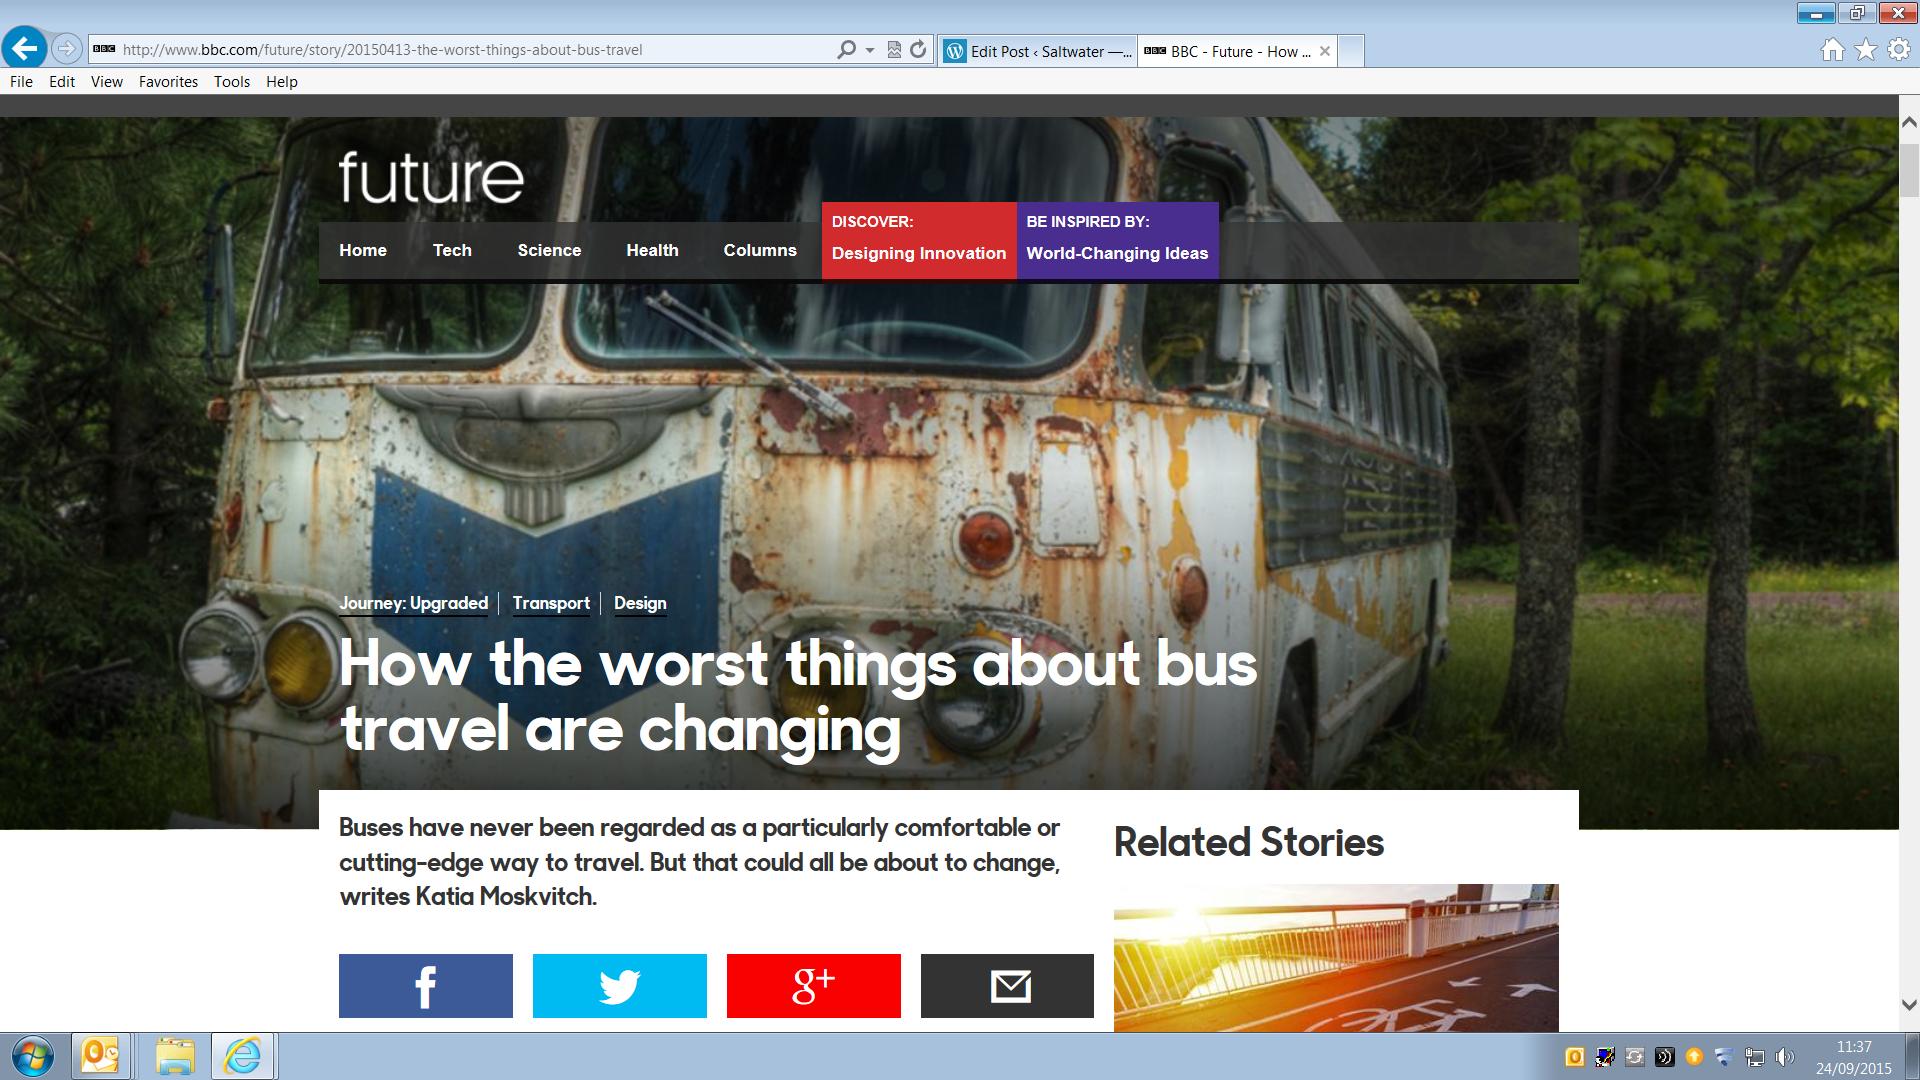 BBC Future article